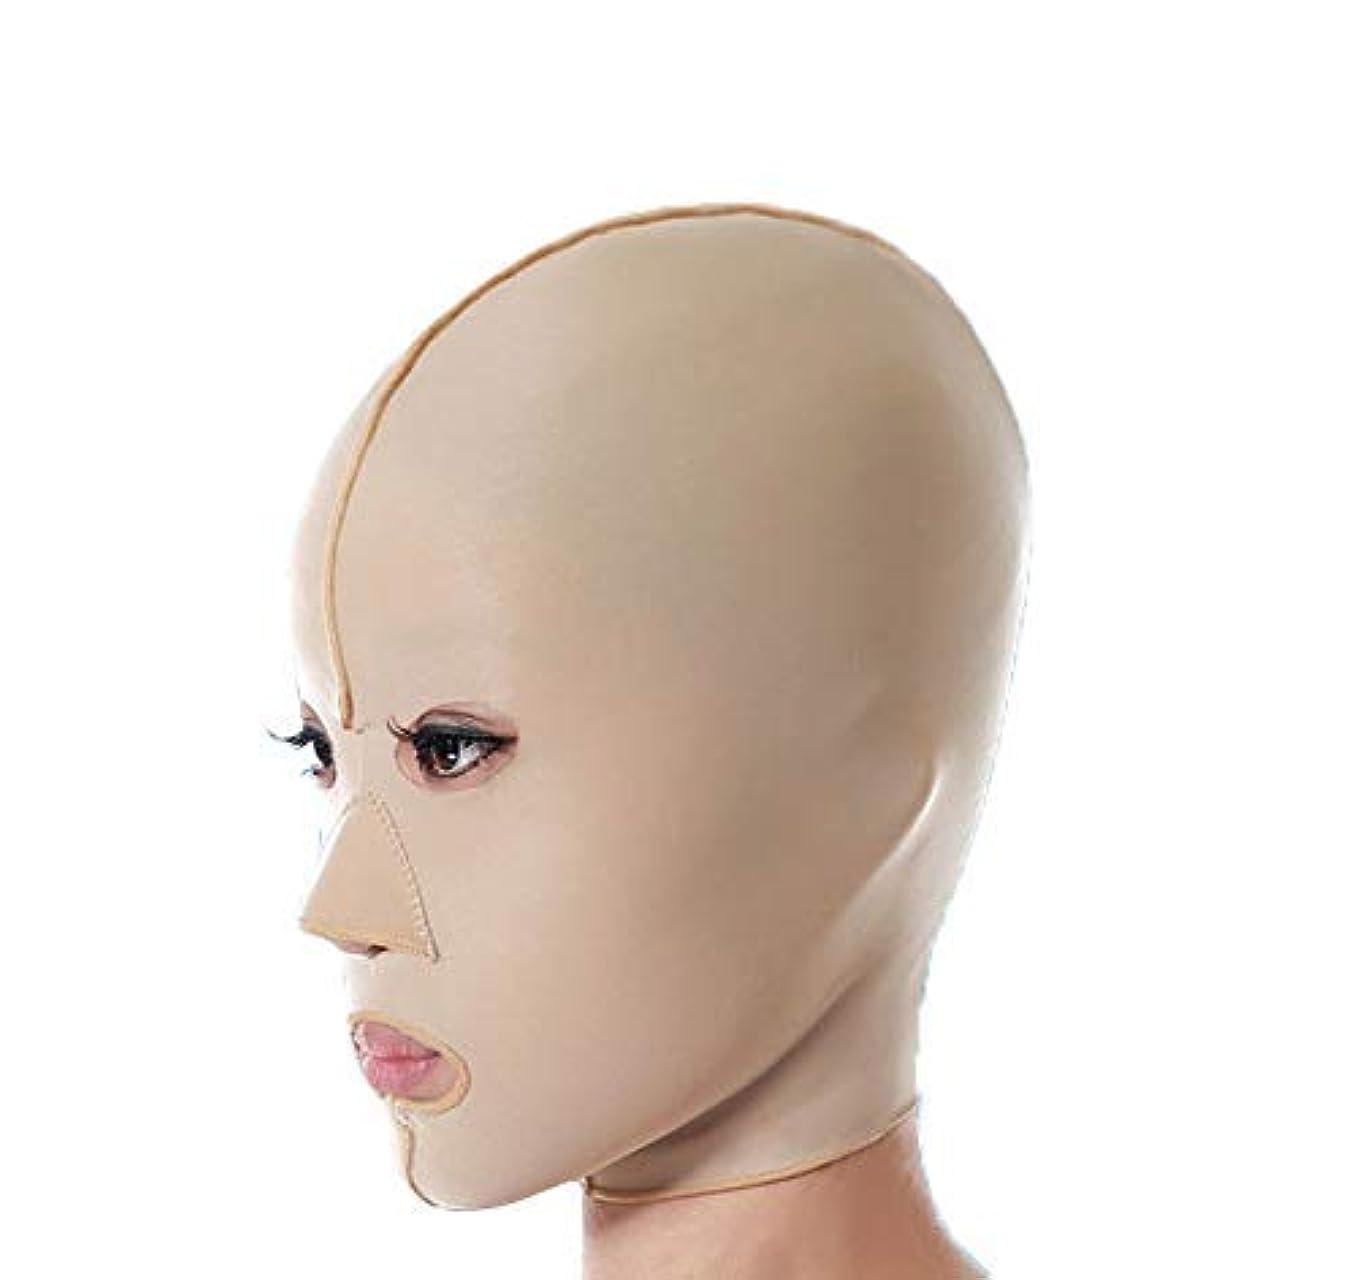 満足ぬるい政治家ファーミングフェイスマスク、フェイシャルマスク医学強力なフェイスマスクアーティファクト美容垂れ防止法パターンフェイシャルリフティングファーミングフルフェイスマスク(サイズ:M),M